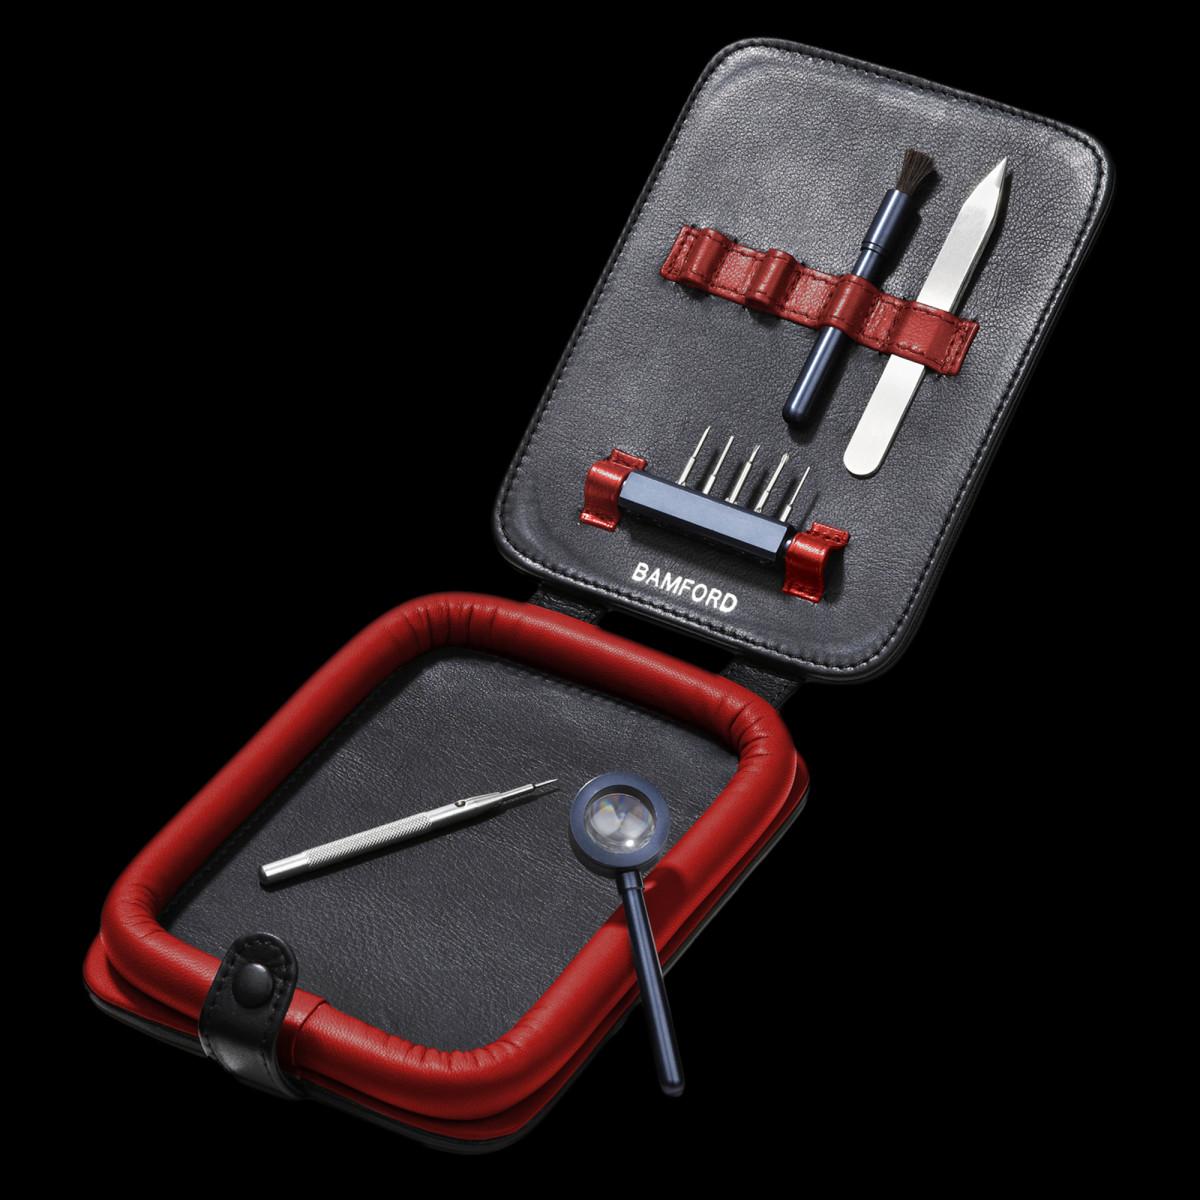 Bamford Tool Kit